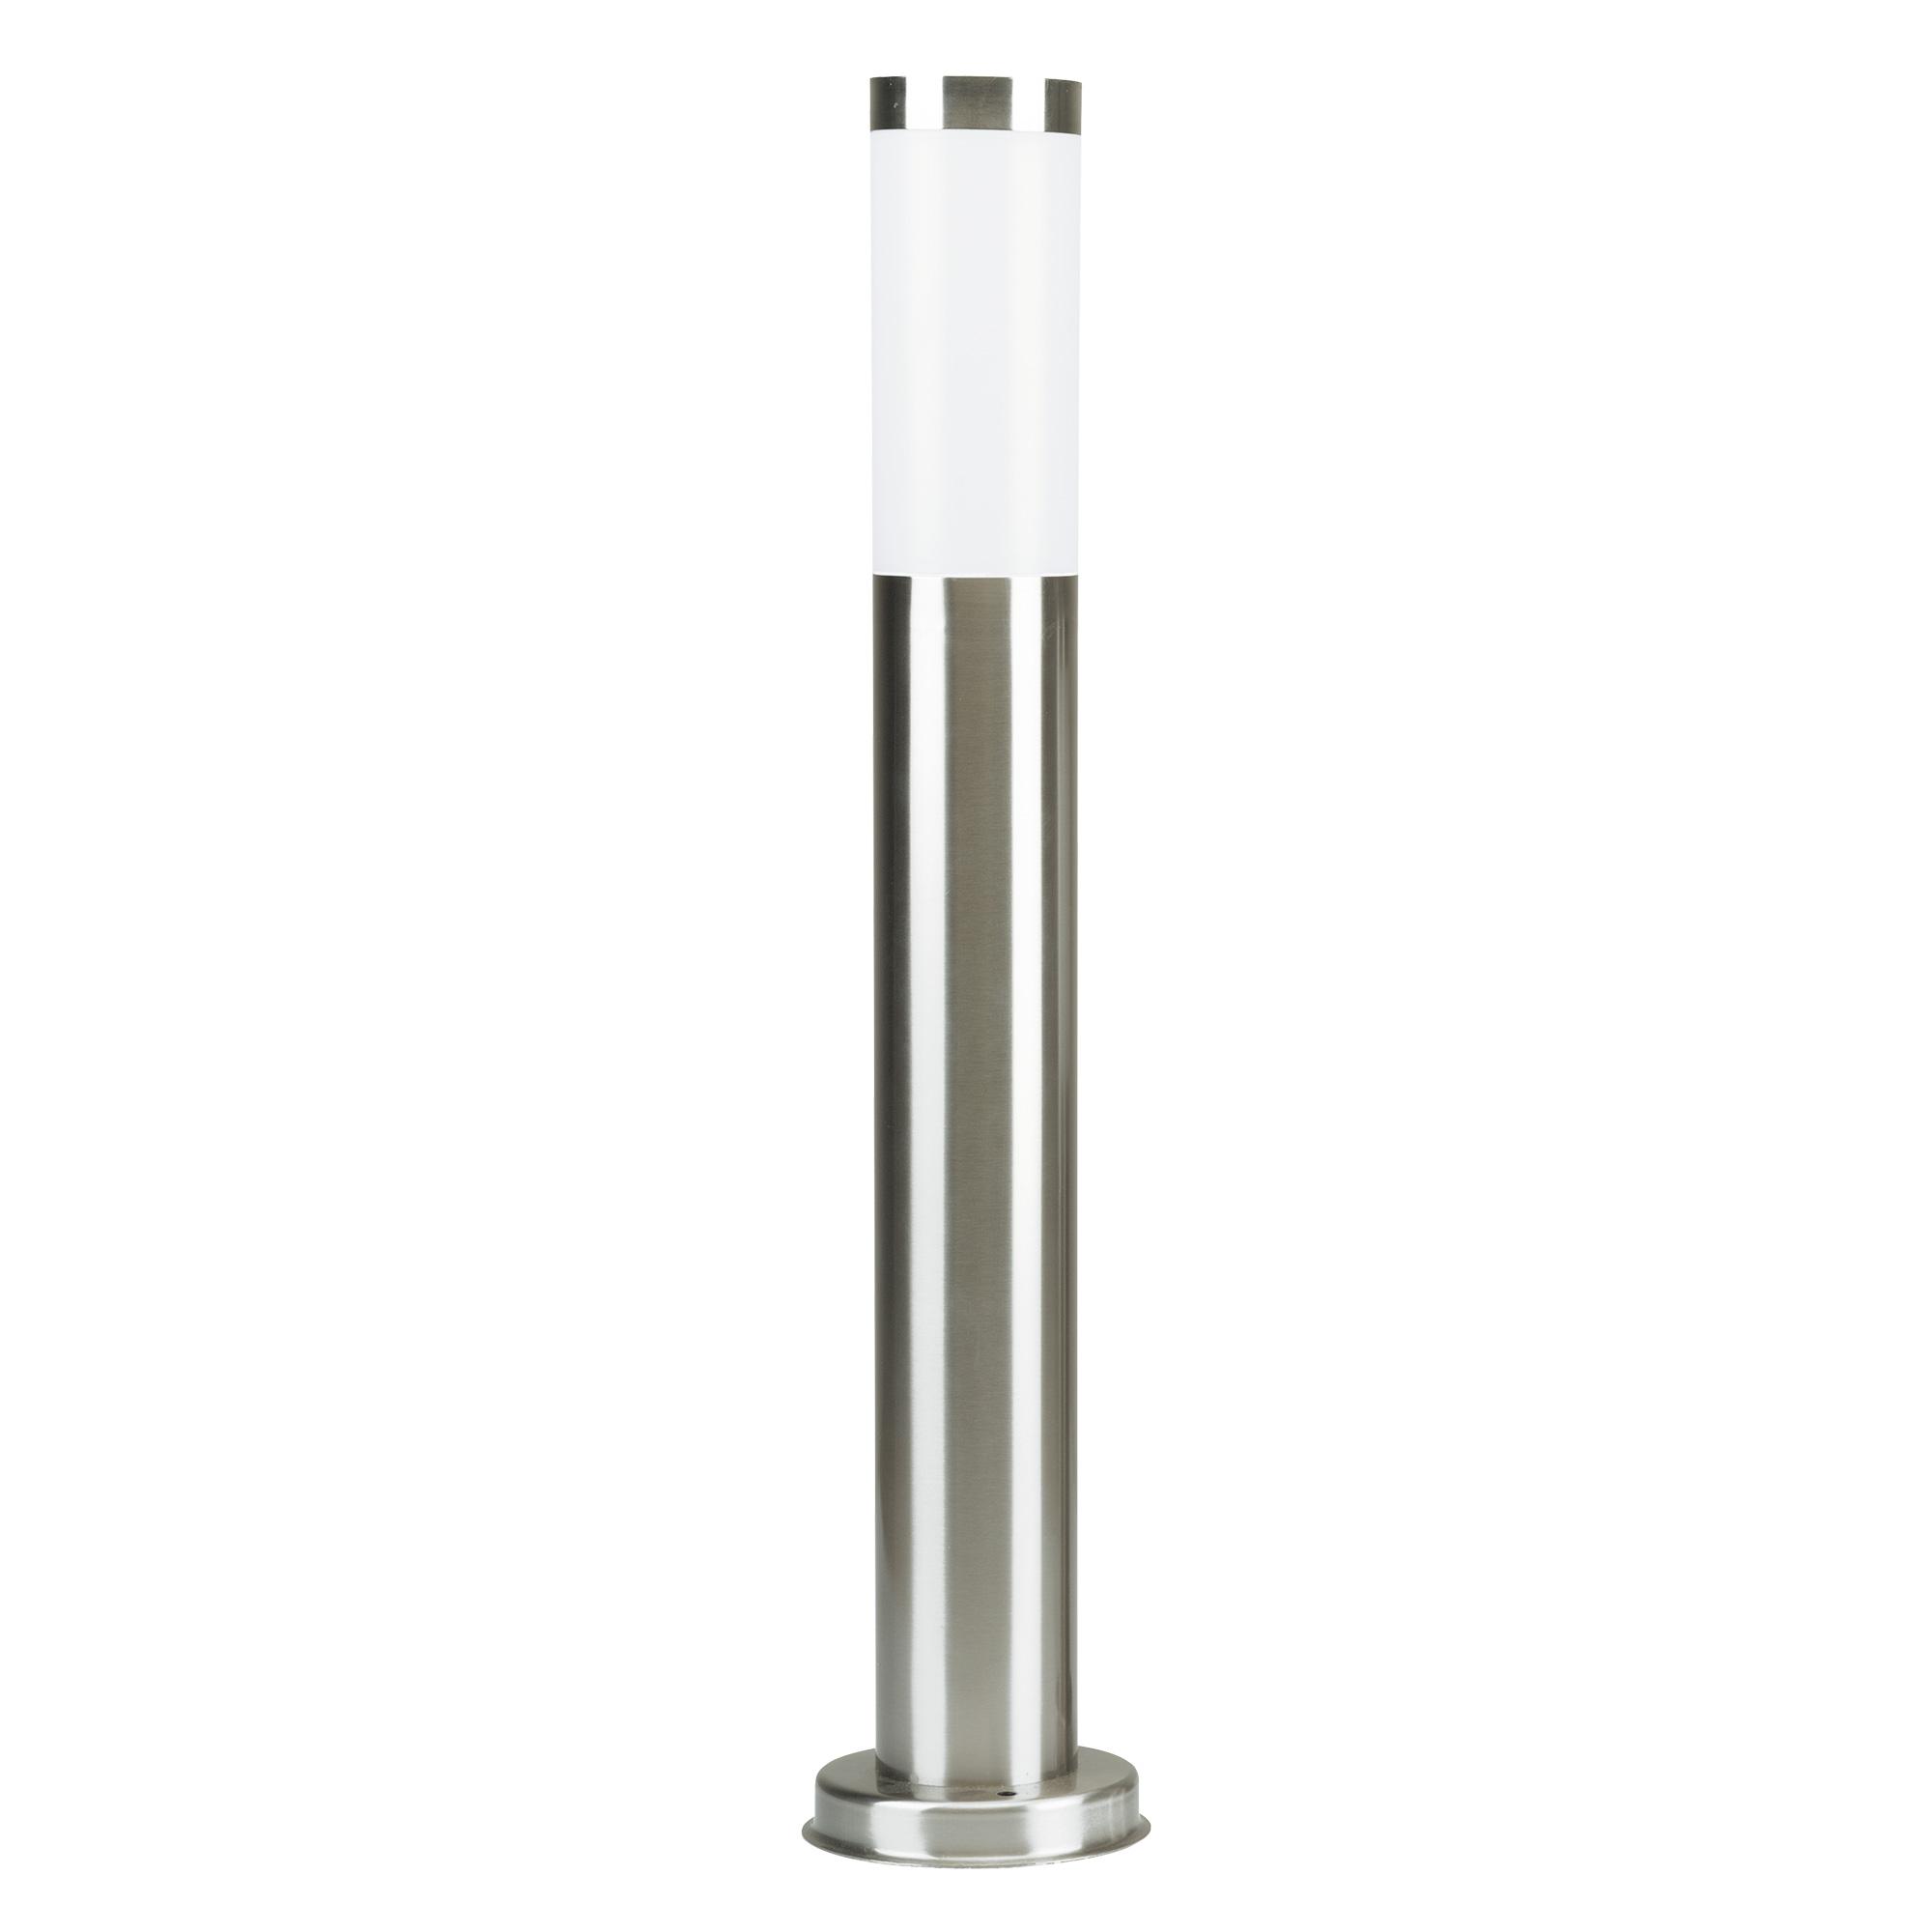 Terraslamp RVS Lech 2